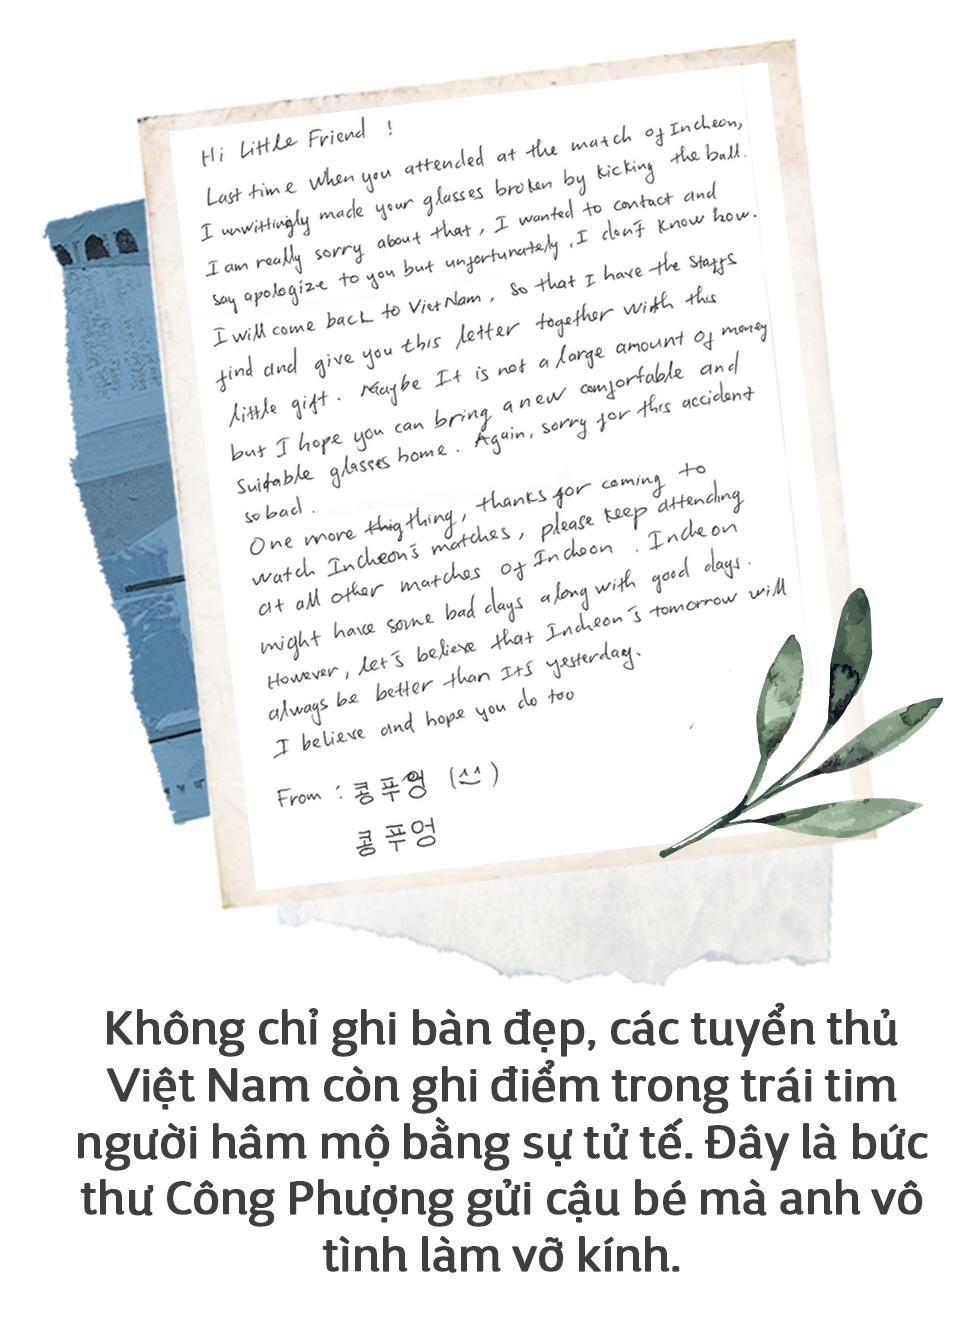 Những câu chuyện nóng hổi tạo trend trong giới trẻ Việt 2019 - Ảnh 23.